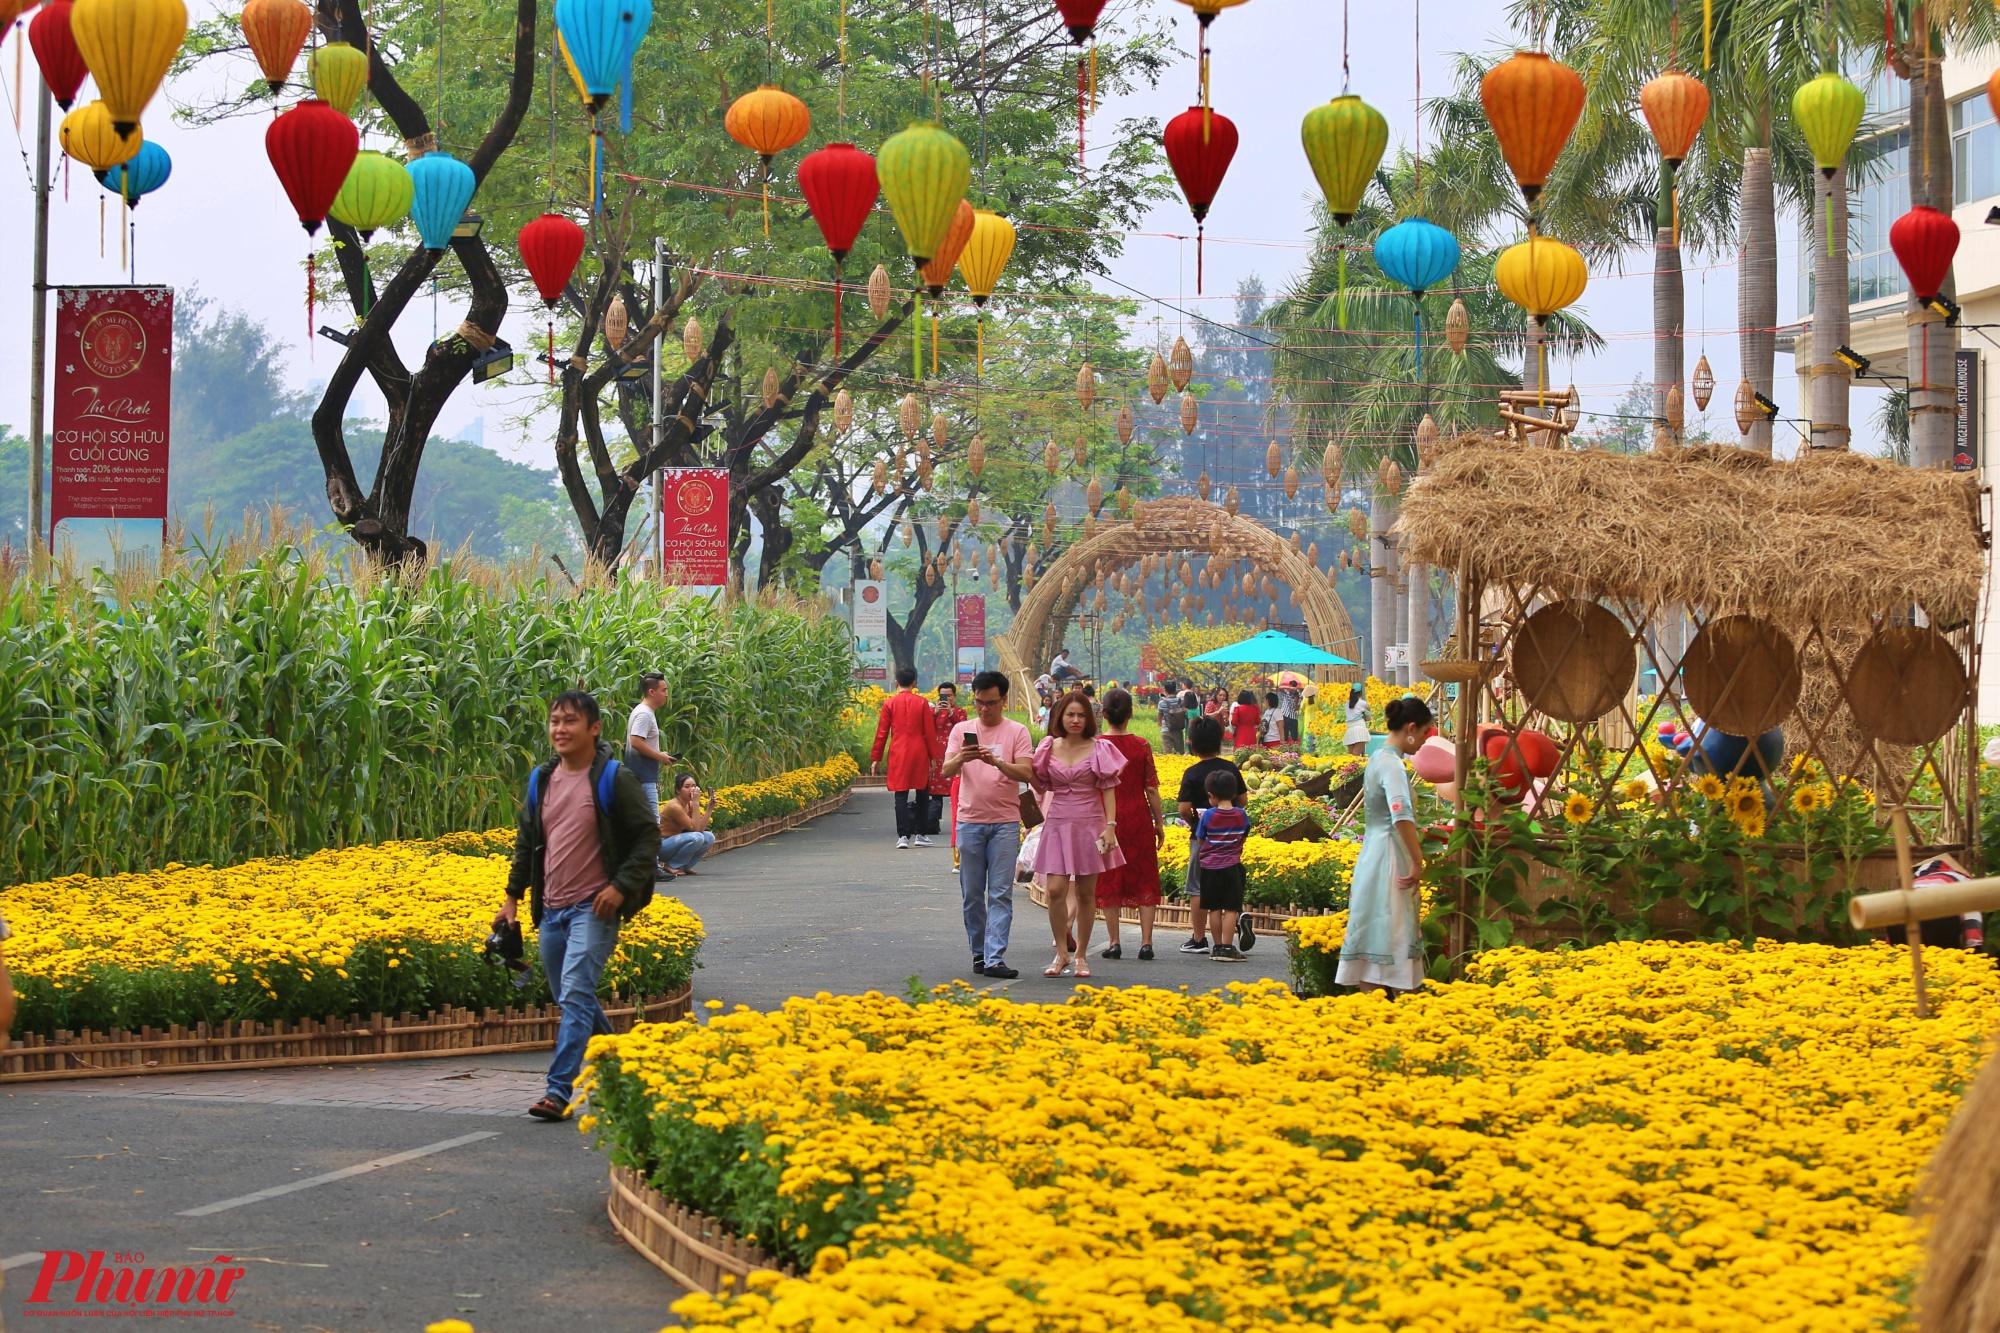 Đường hoa xuân Phú Mỹ Hưng (quận 7, TPHCM) mở cửa cho người dân vào vui chơi, tham quan du xuân trước Tết sớm nhất ở TPHCM. Năm nay đường hoa mở của từ ngày 17/1 (23 tháng Chạp).